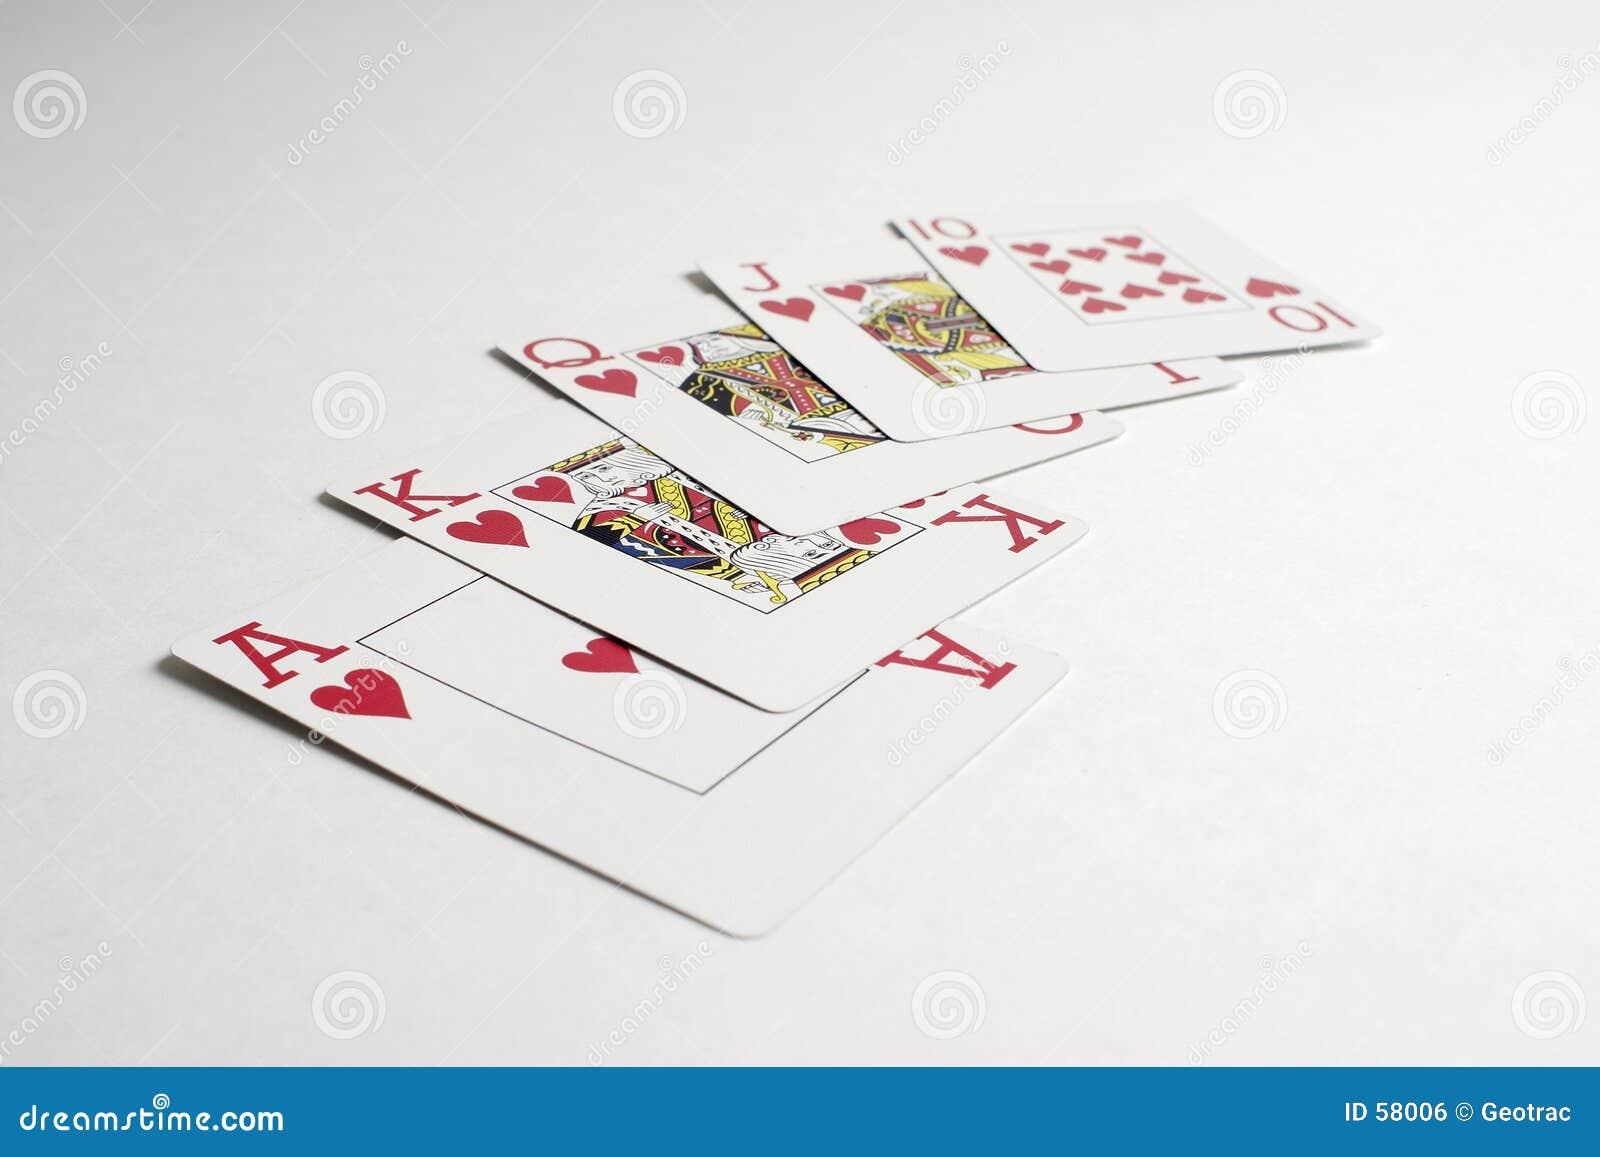 Download Une Main De Gain D'éclat Royal Dans Le Tisonnier Photo stock - Image du paquet, gagnant: 58006